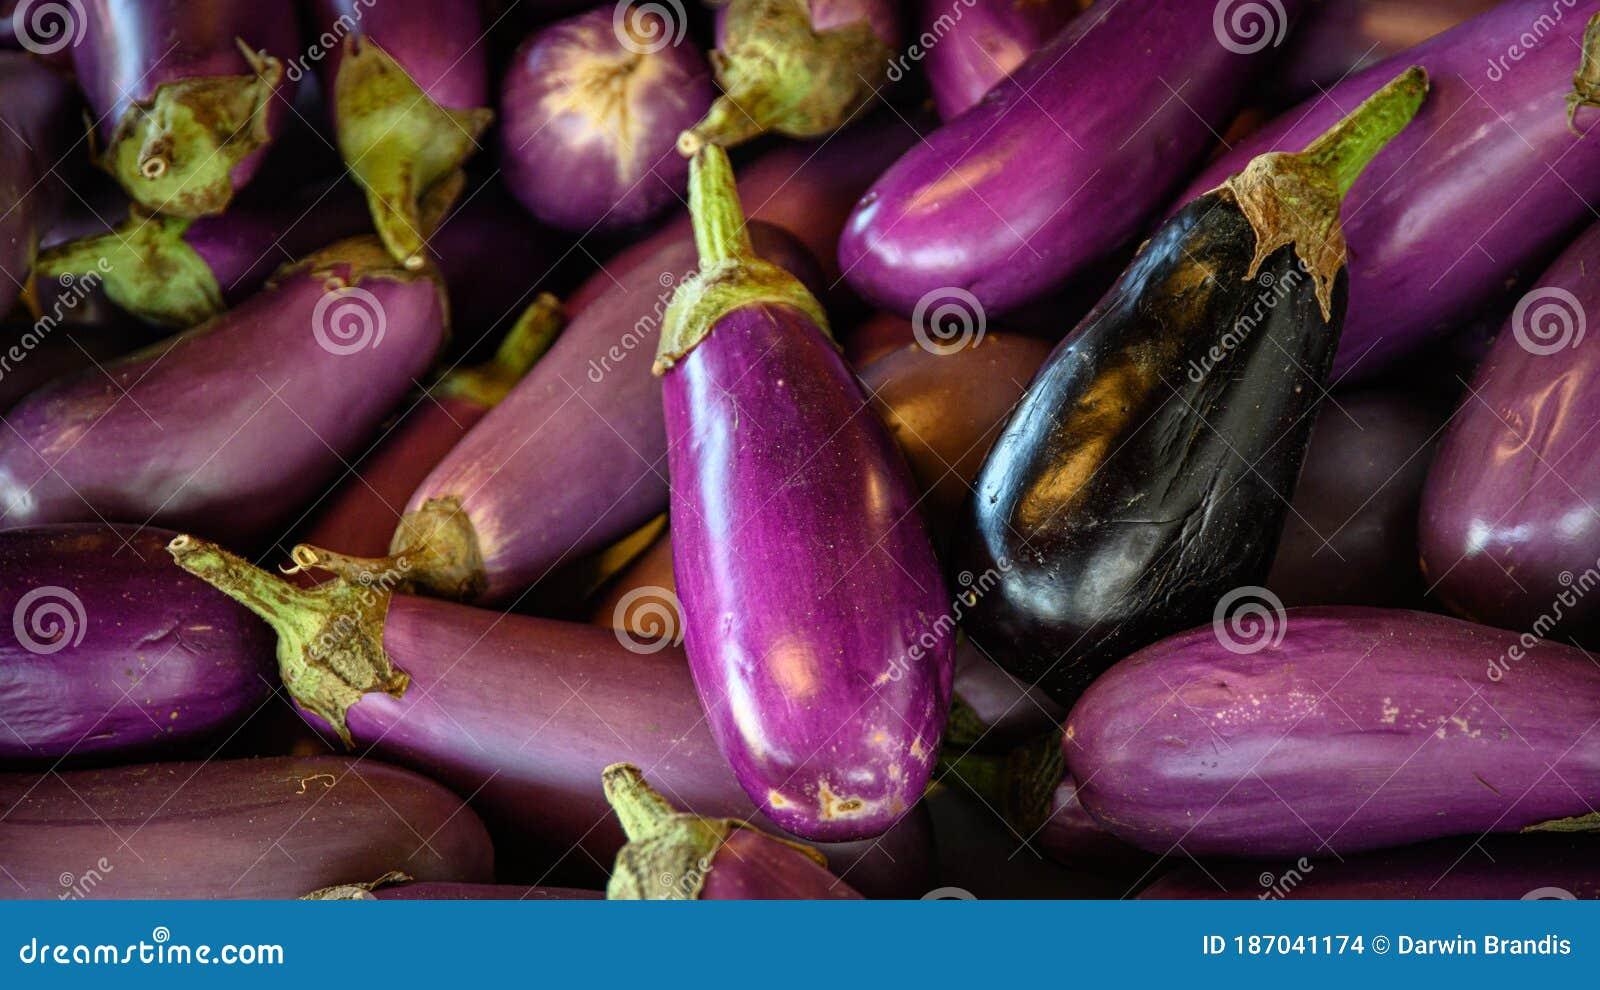 penis violet